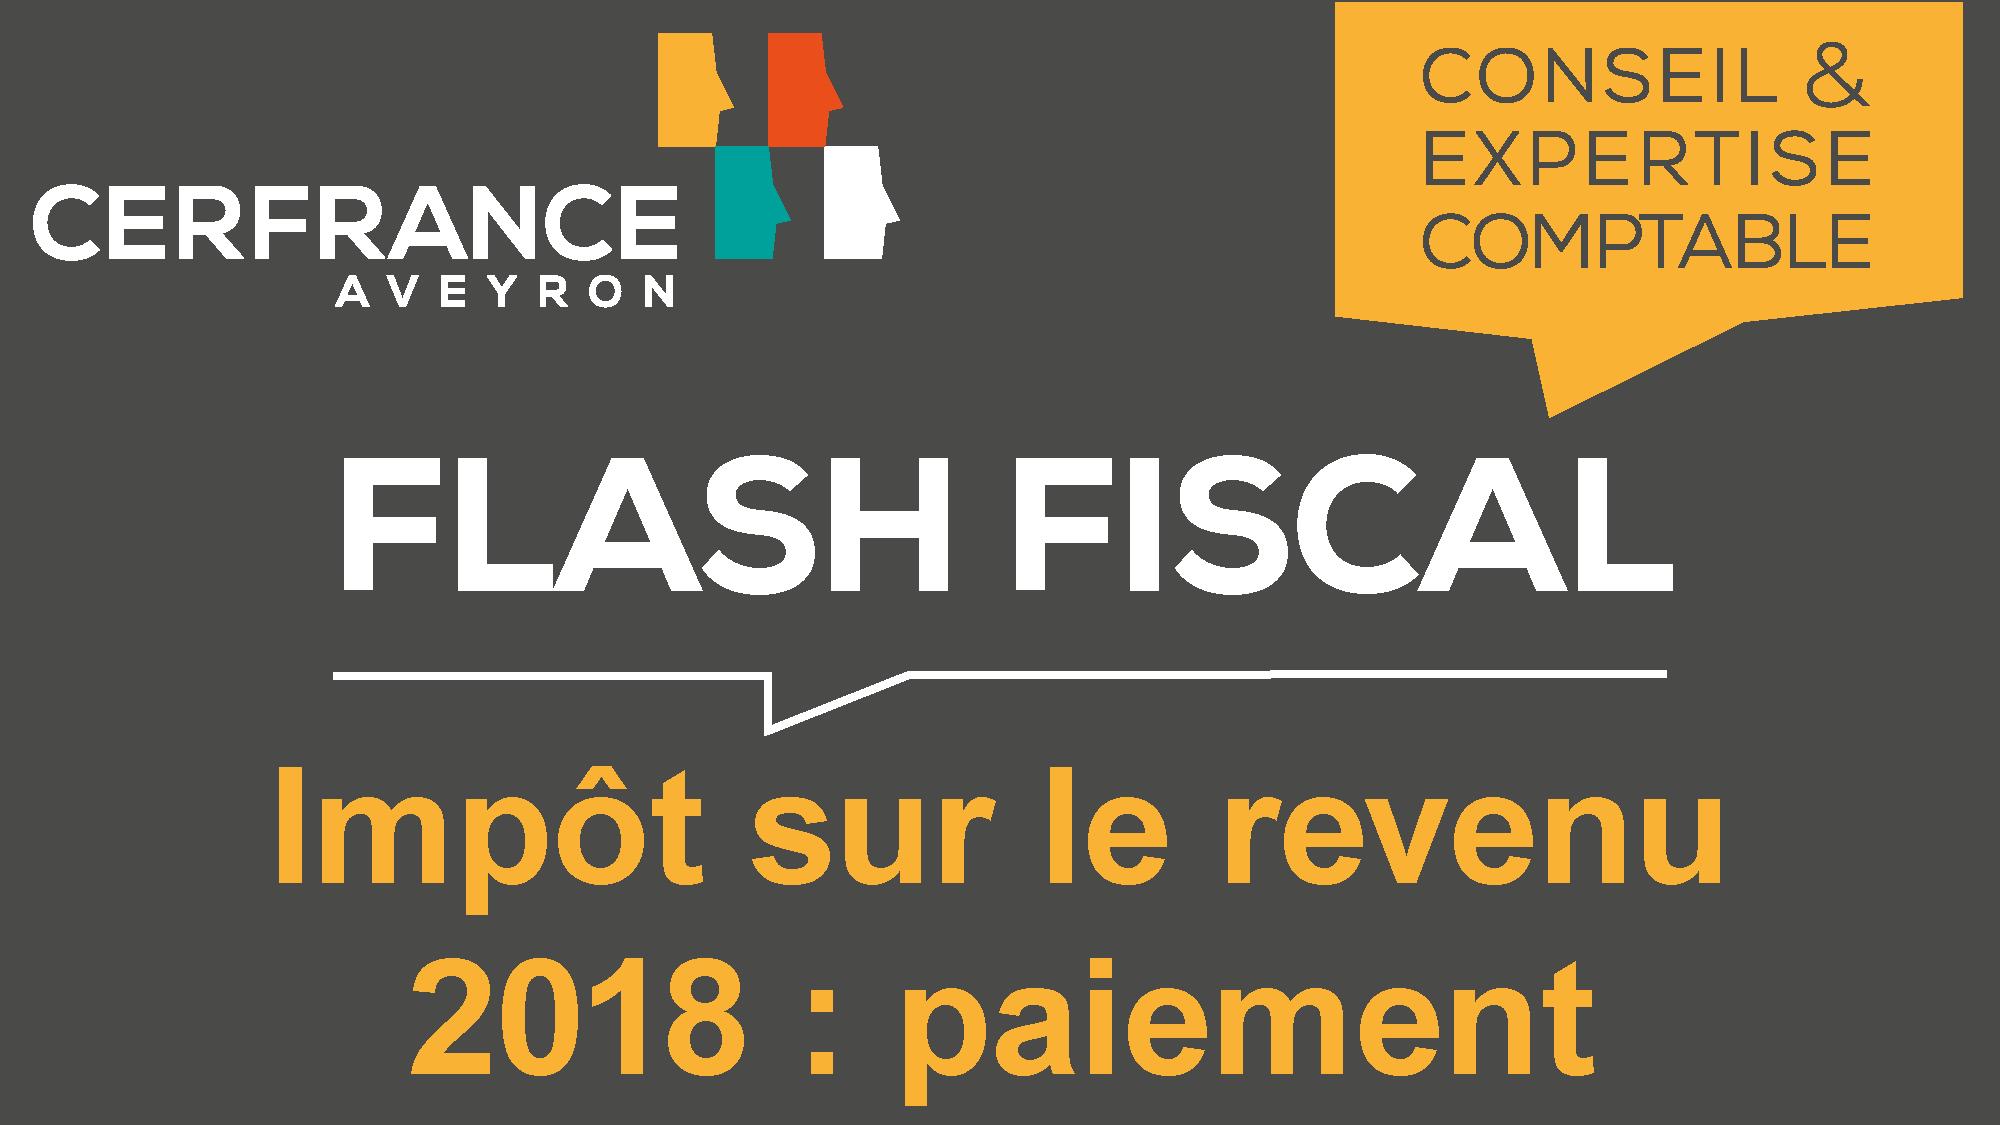 Flash Fiscal : Impôt sur le revenu 2018 : Paiement